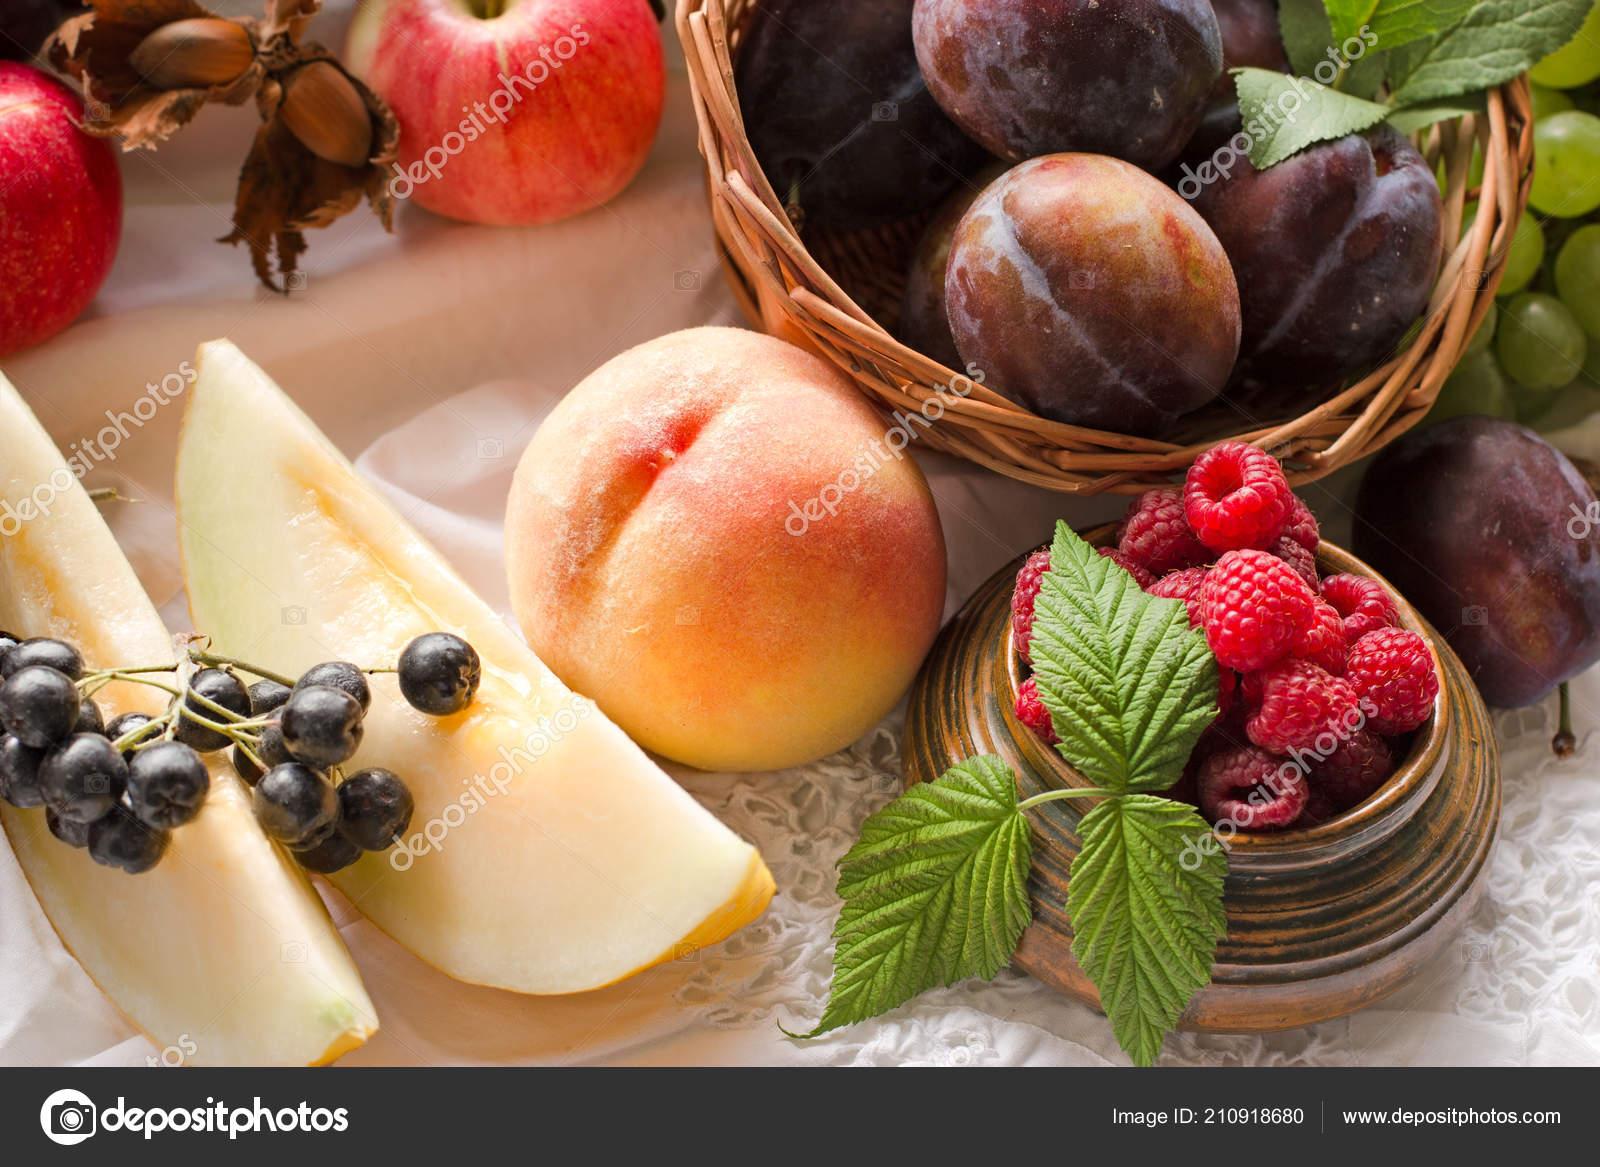 Zdrowe Odzywianie Zdrowe Jedzenie Wegetarianskie Jedzenie Swieze